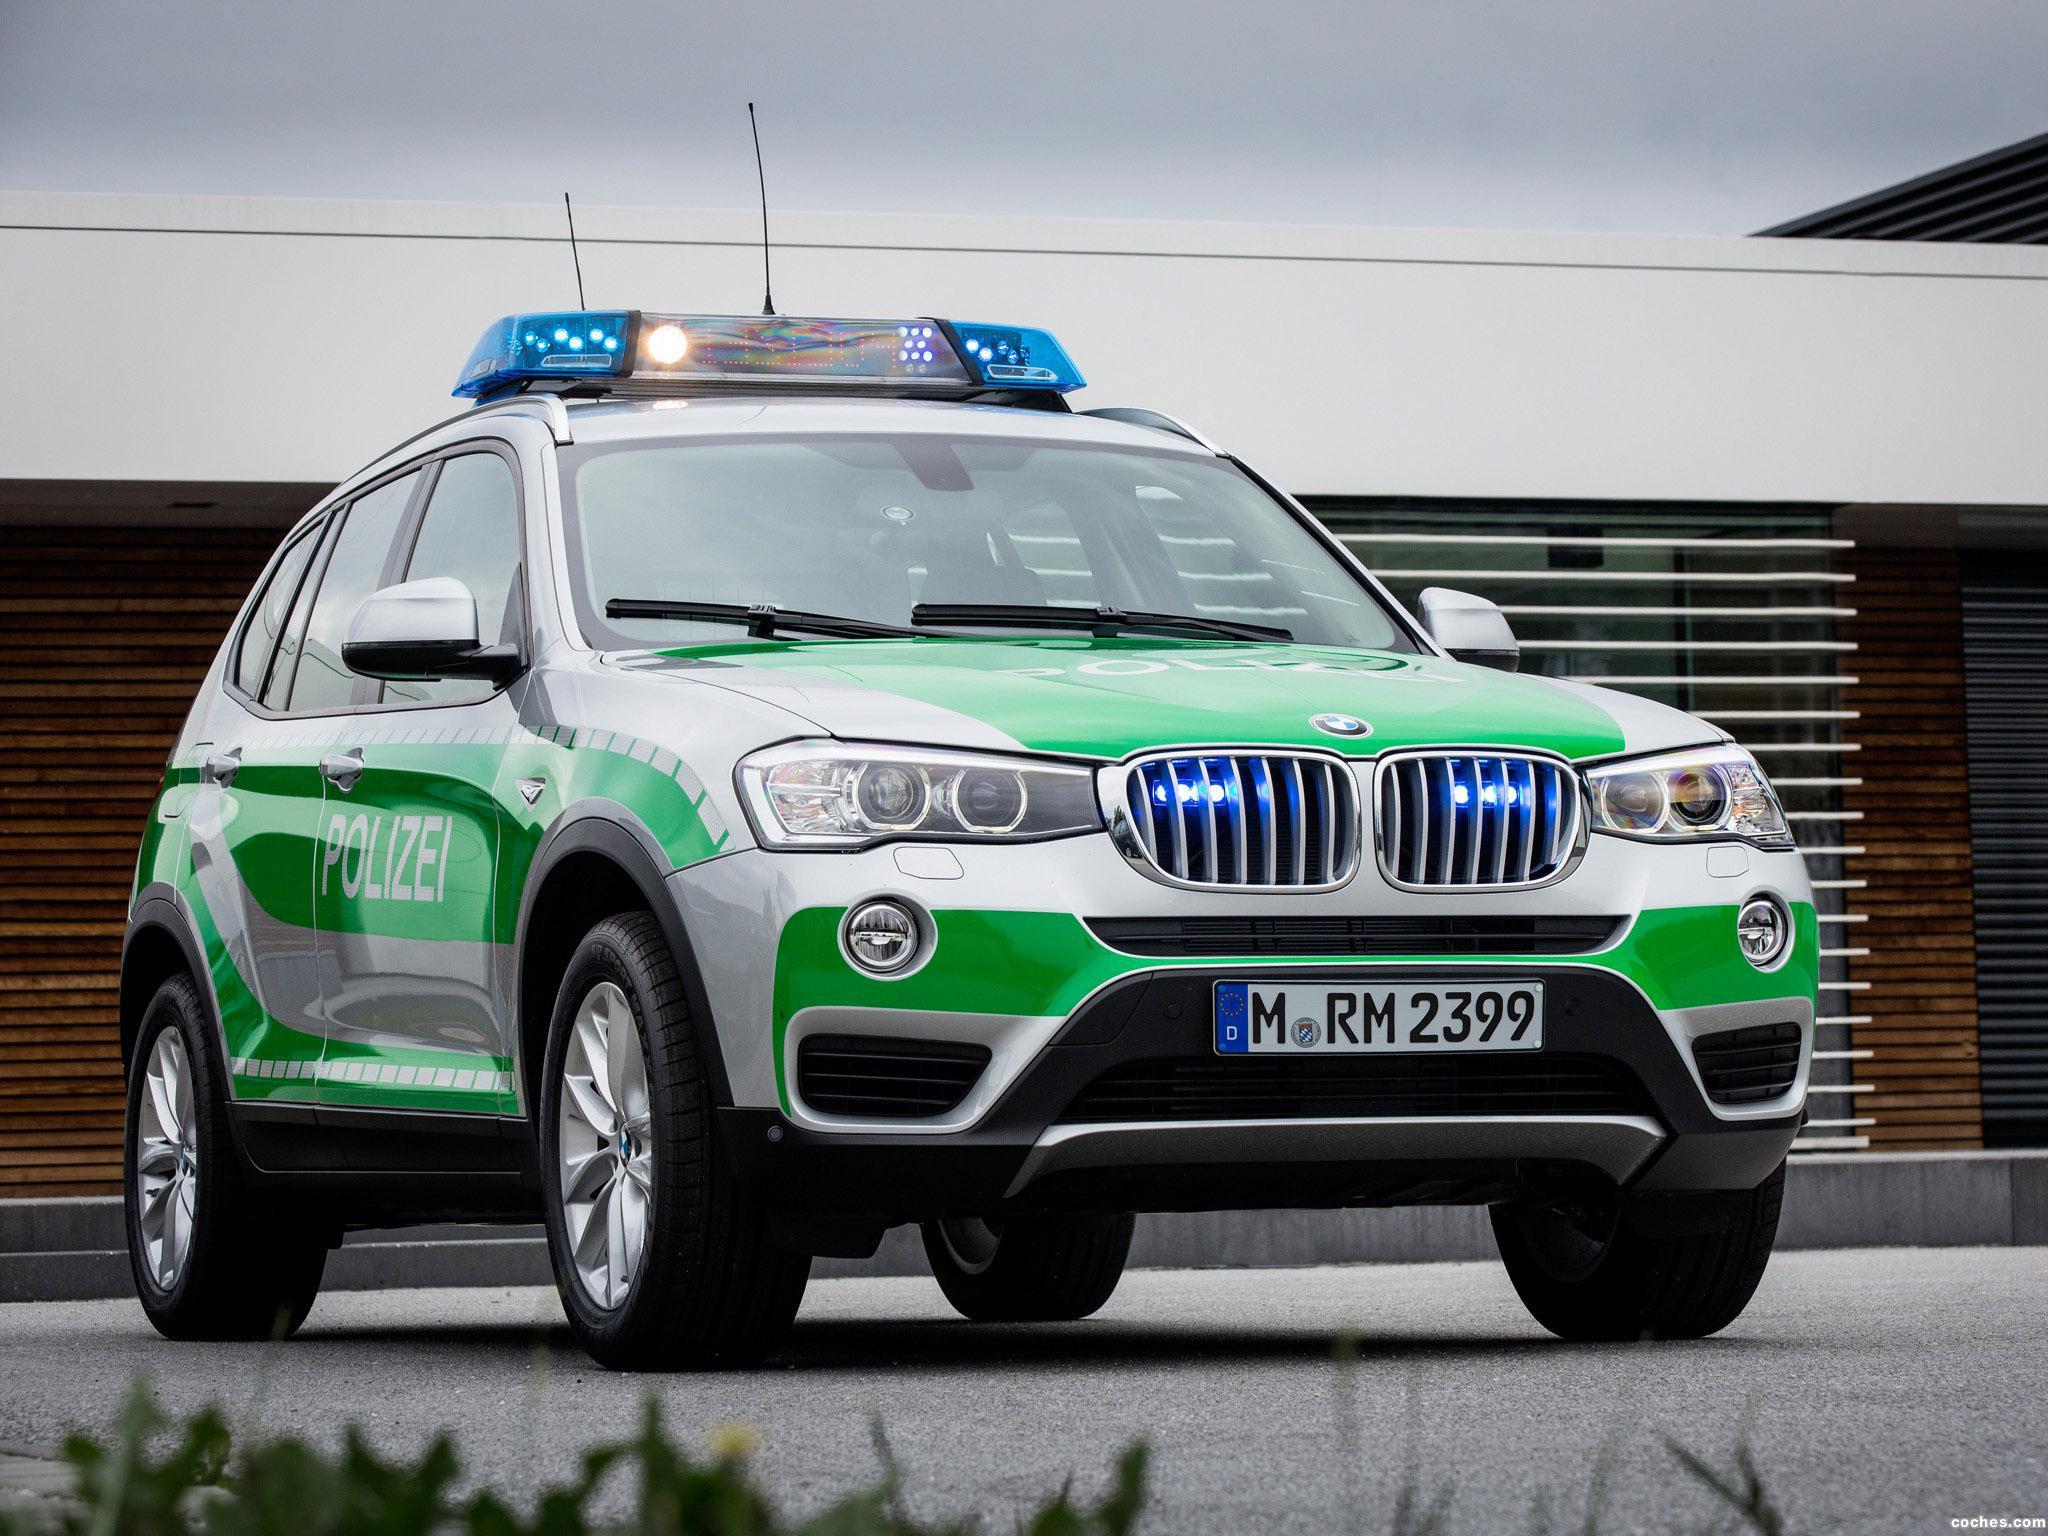 Foto 0 de BMW X3 Polizei F25 2014